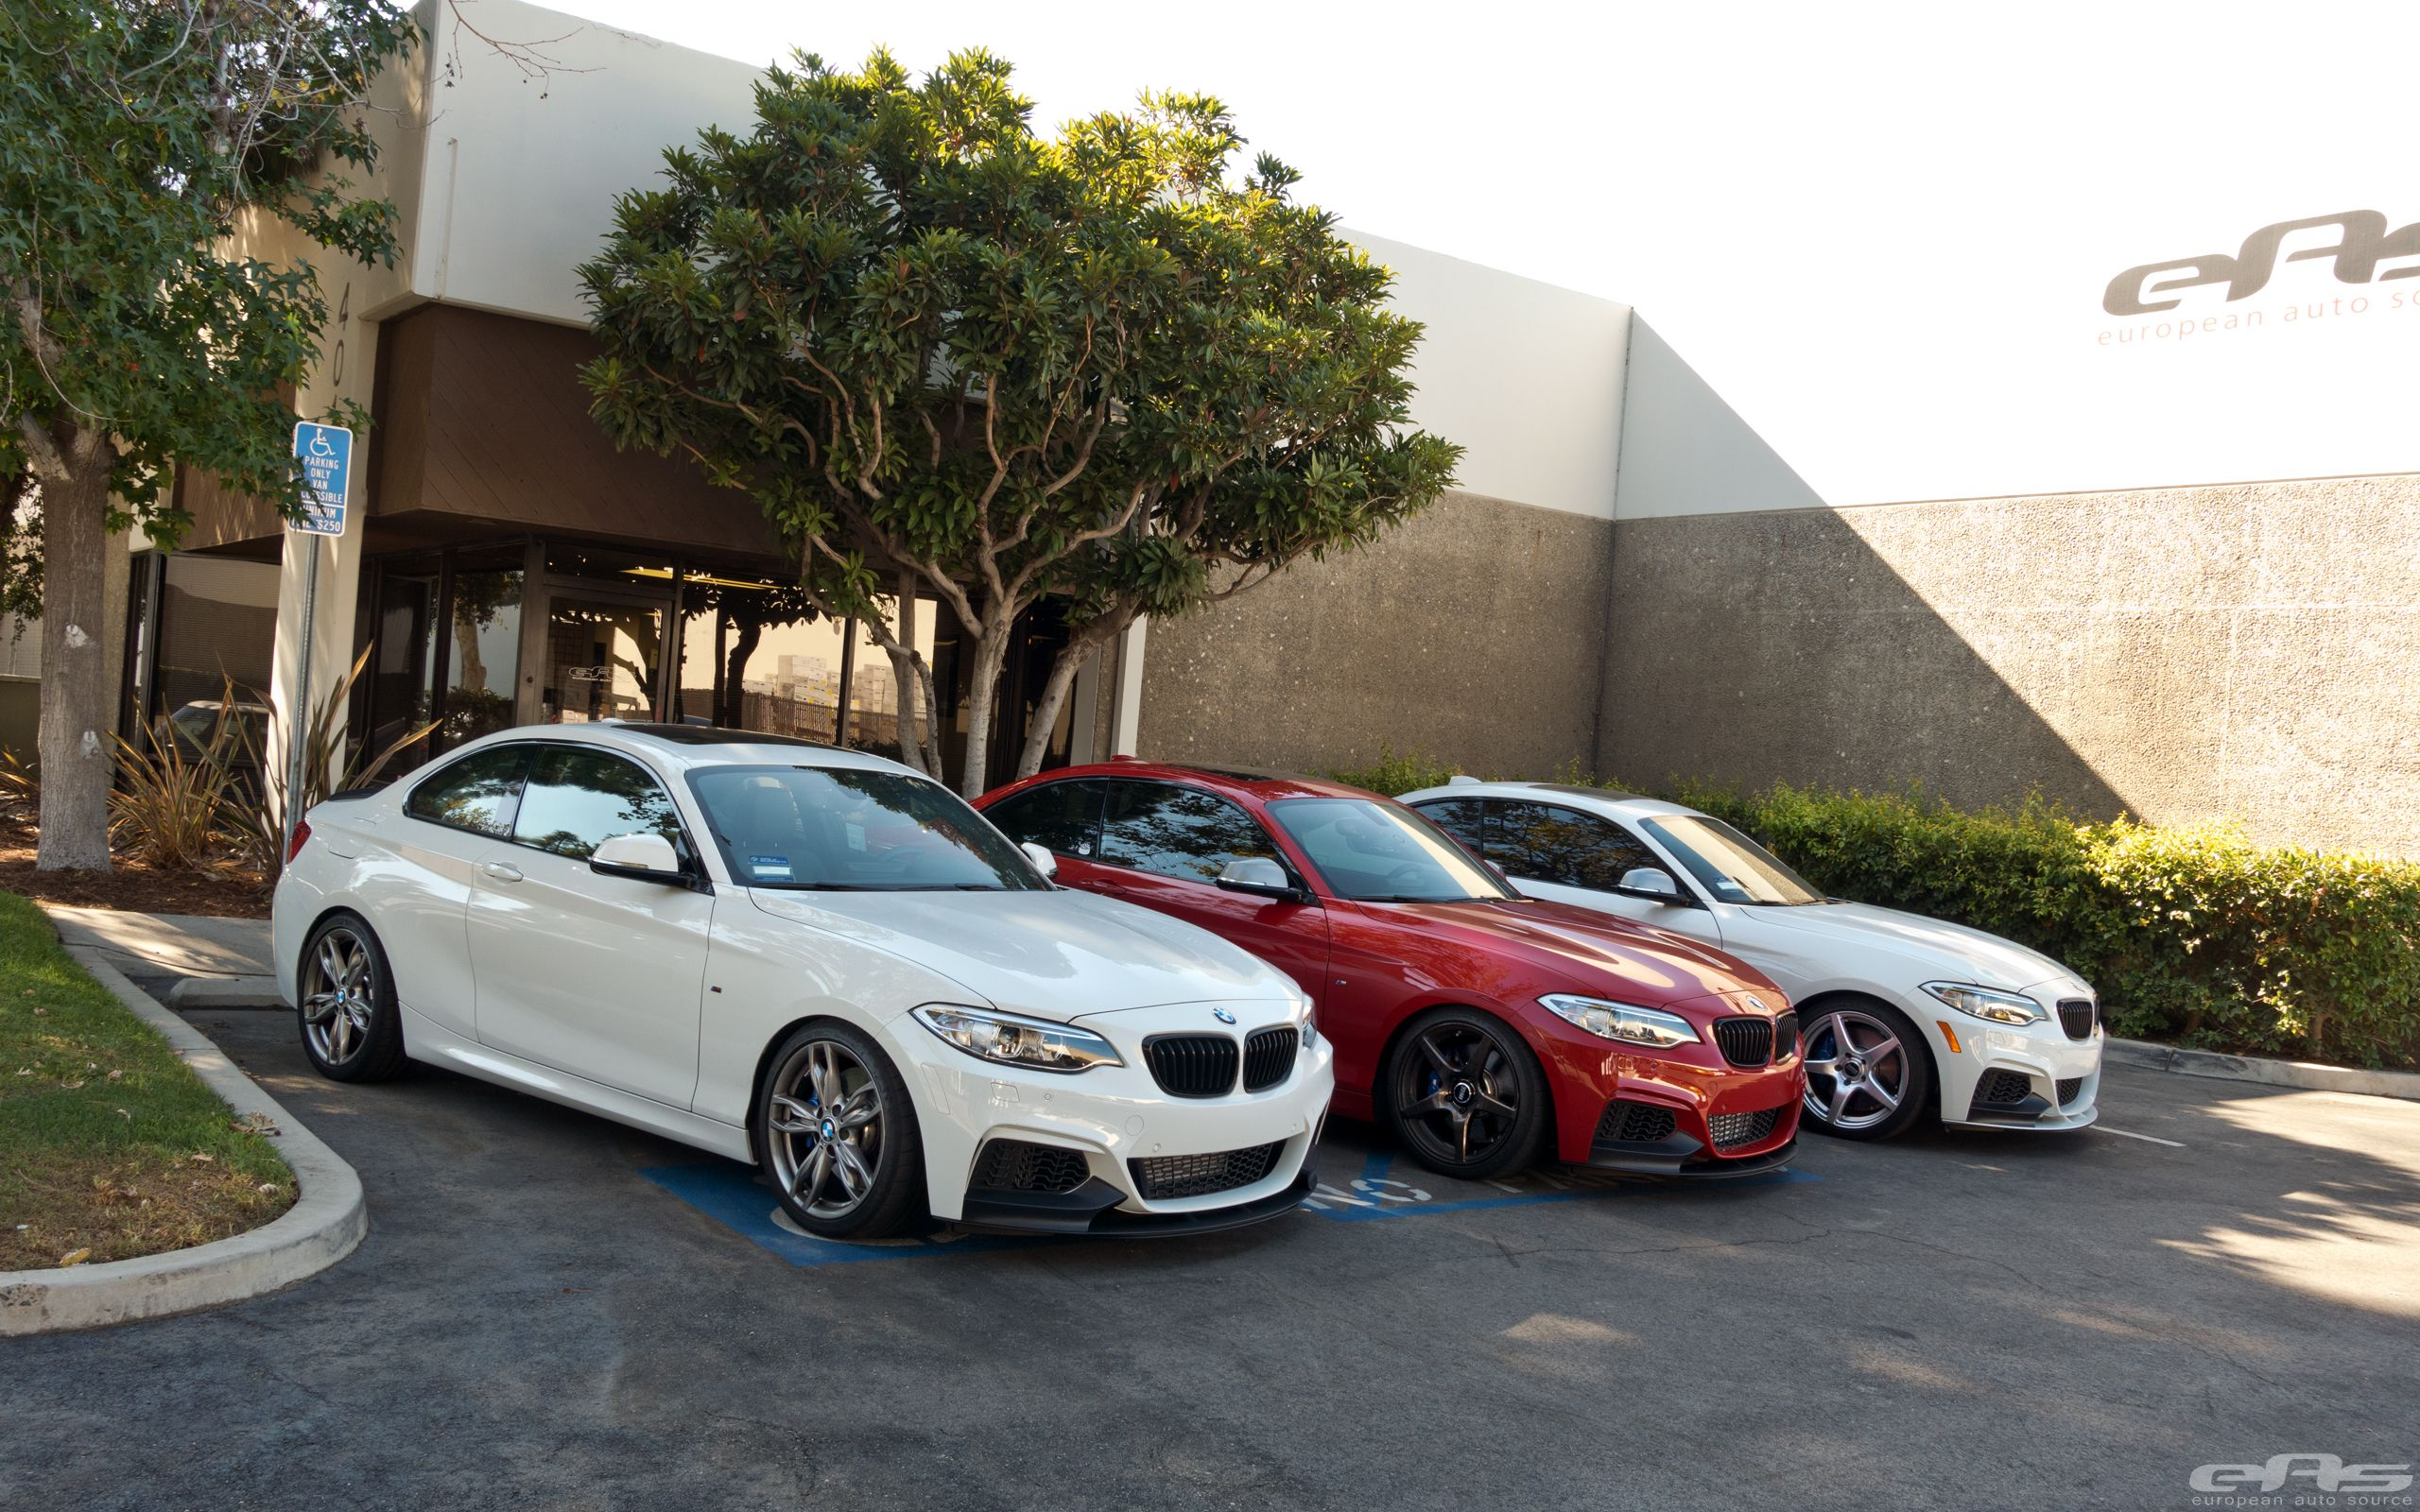 See A Bmw M235i Trio Bmw Bmw Cars Car Brands